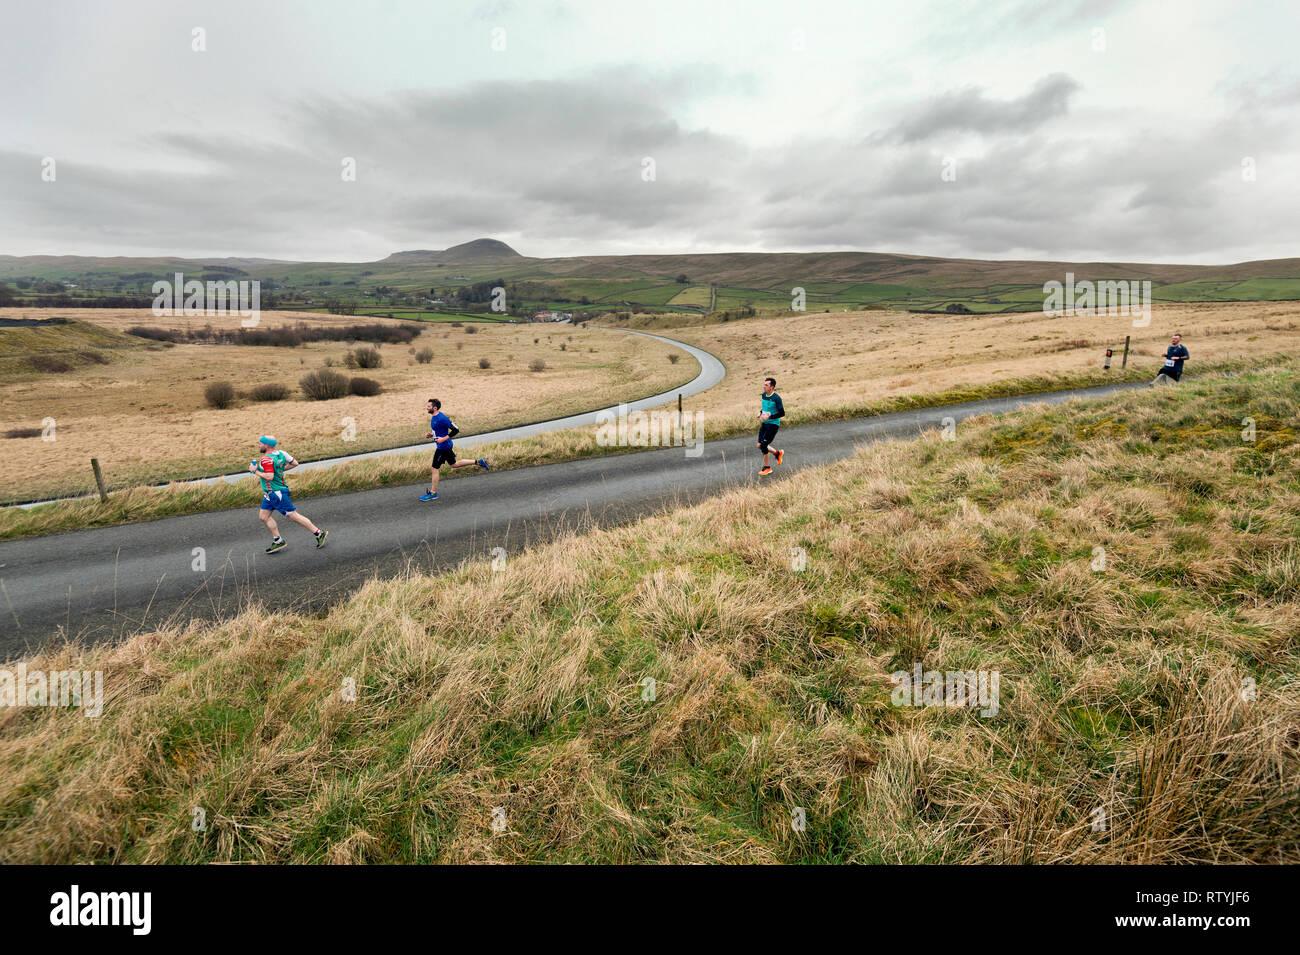 Settle, North Yorkshire, Regno Unito. 03 marzo, 2019. Settle mezza maratona. Pass guide ponte Helwith nel Yorkshire Dales National Park. Pen-y-Ghent picco è visto all'orizzonte. Credito: John Bentley/Alamy Live News Immagini Stock